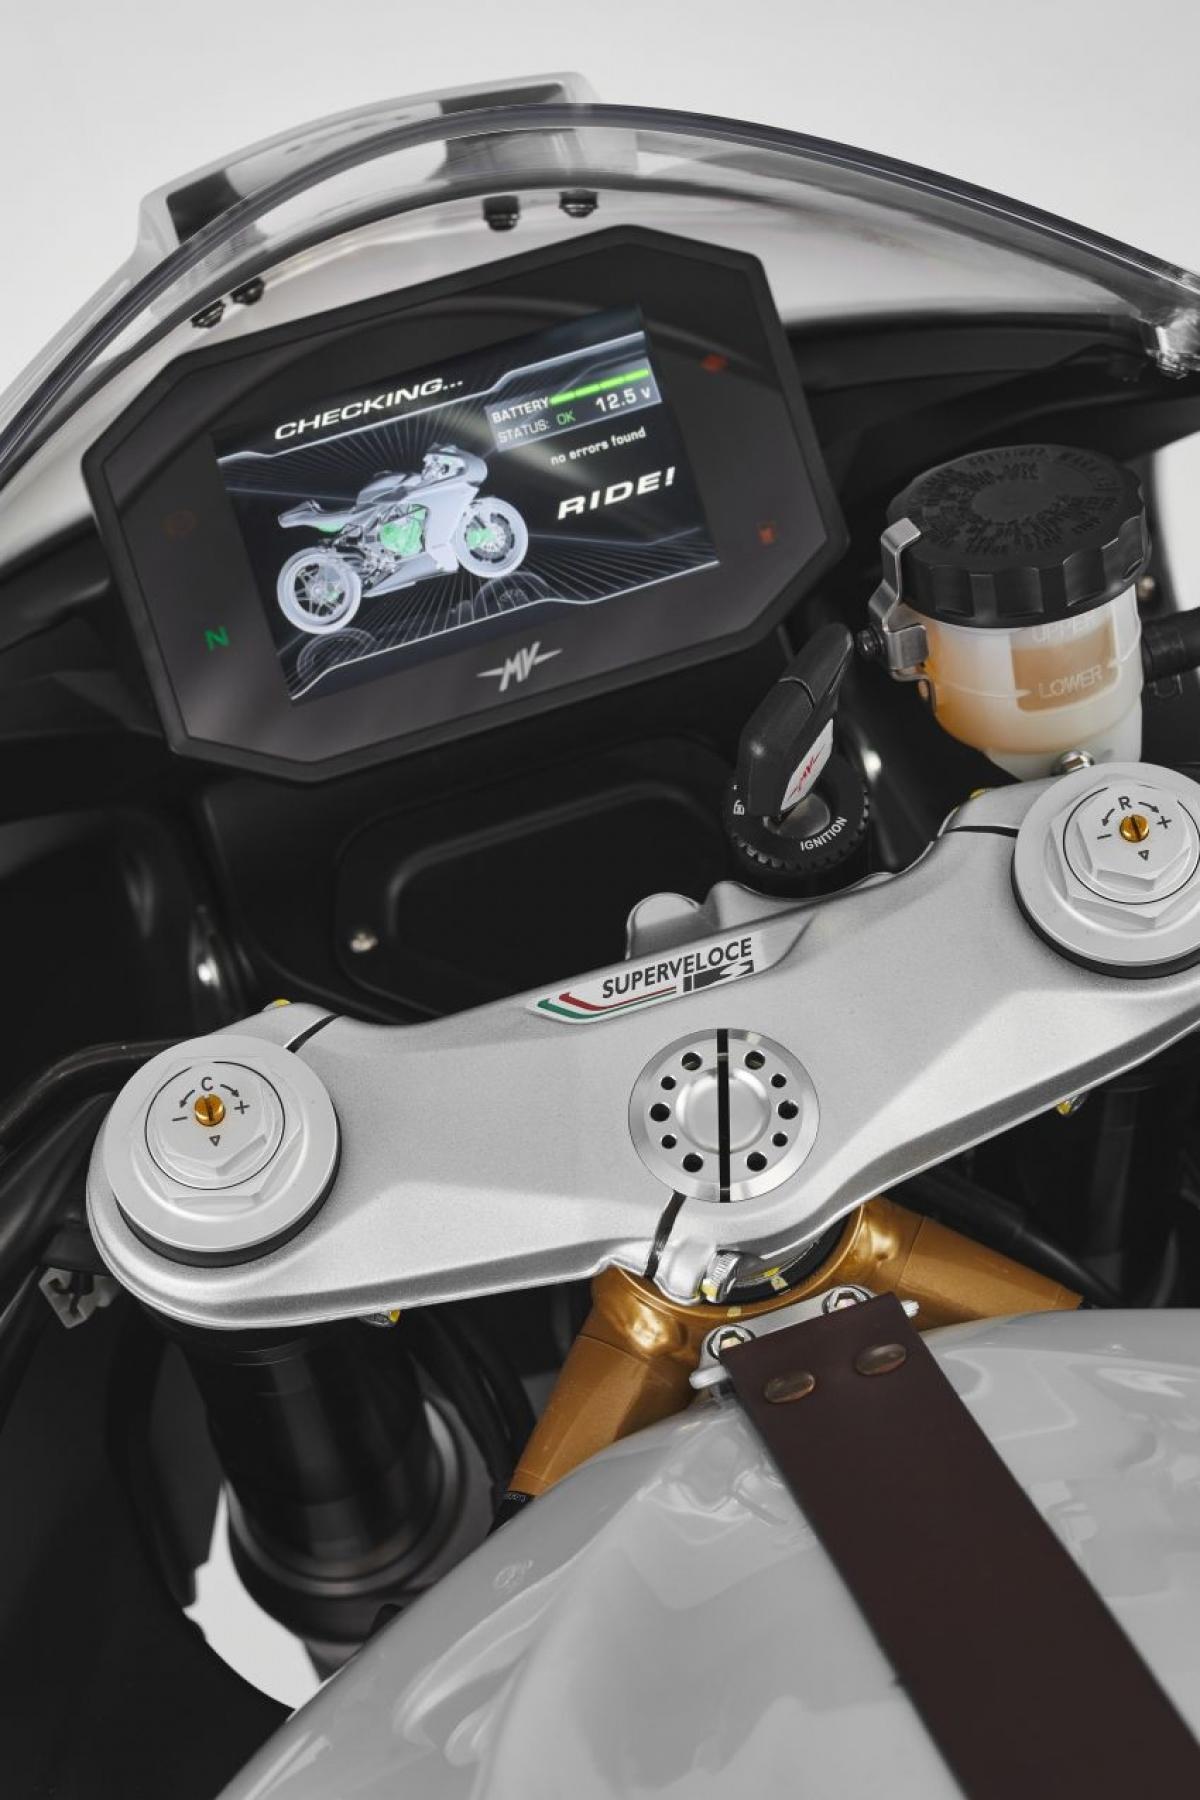 Chiều cao yên được thiết lập ở mức 830 mm và trọng lượng 173 kg cùng bình xăng dung tích 16,5 lít. MV Agusta cho biết, với bình xăng này xe có thể chạy được 270 km với chu kỳ kết hợp.